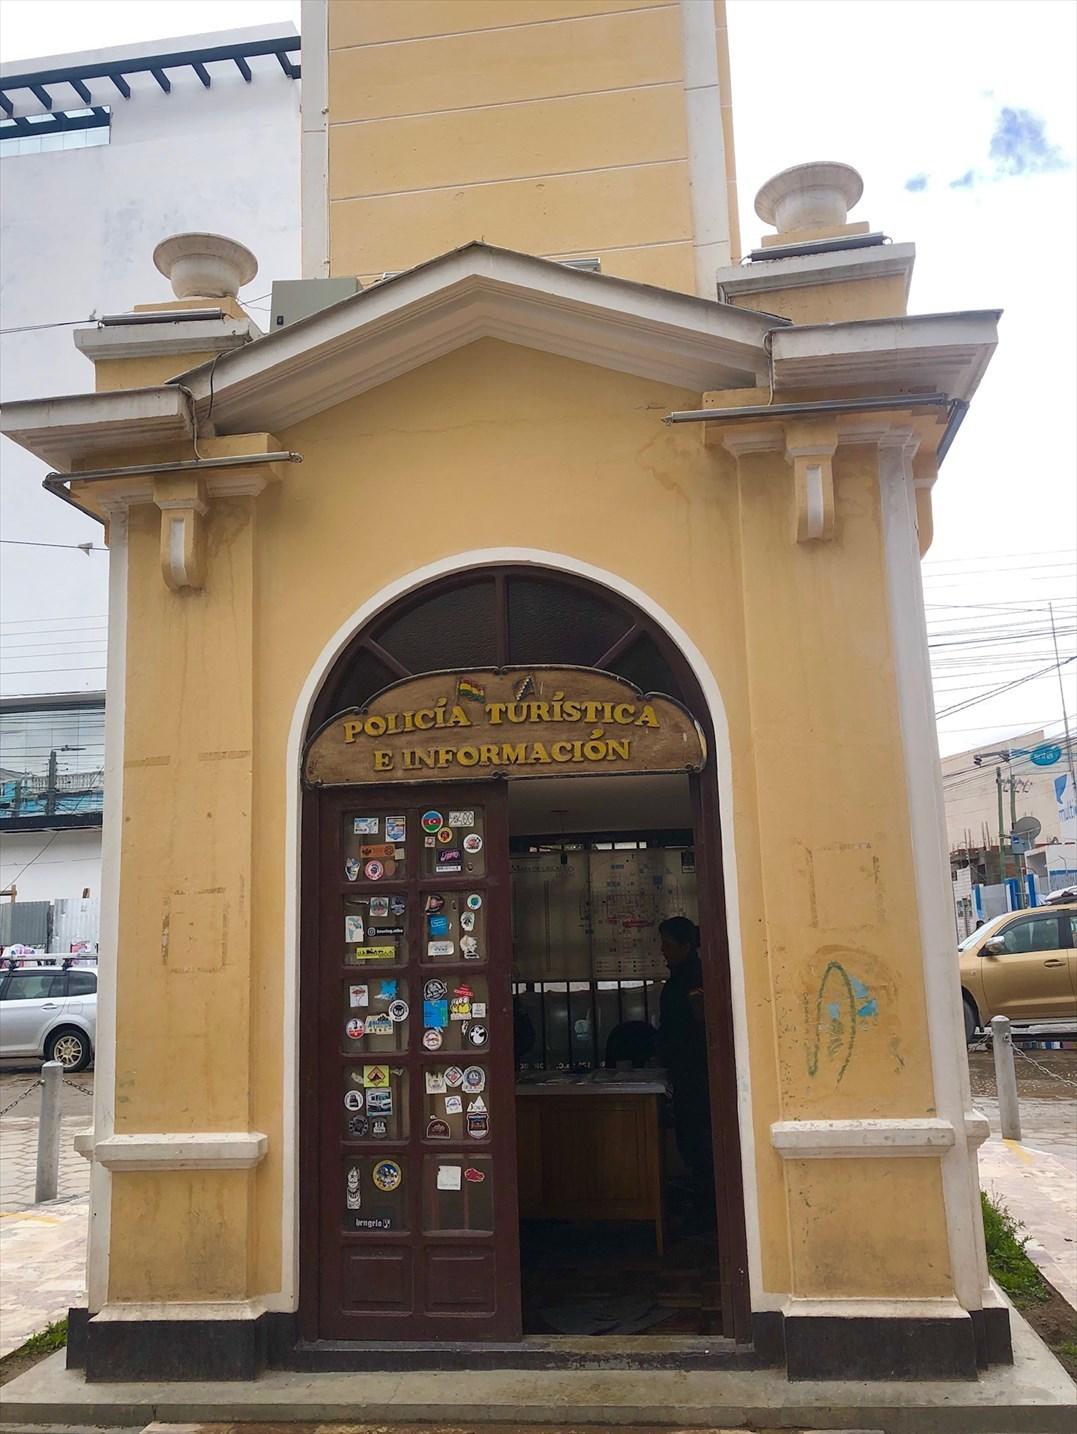 中南米の旅/25 ウユニのメインストリート@ボリビア_a0092659_17204624.jpg